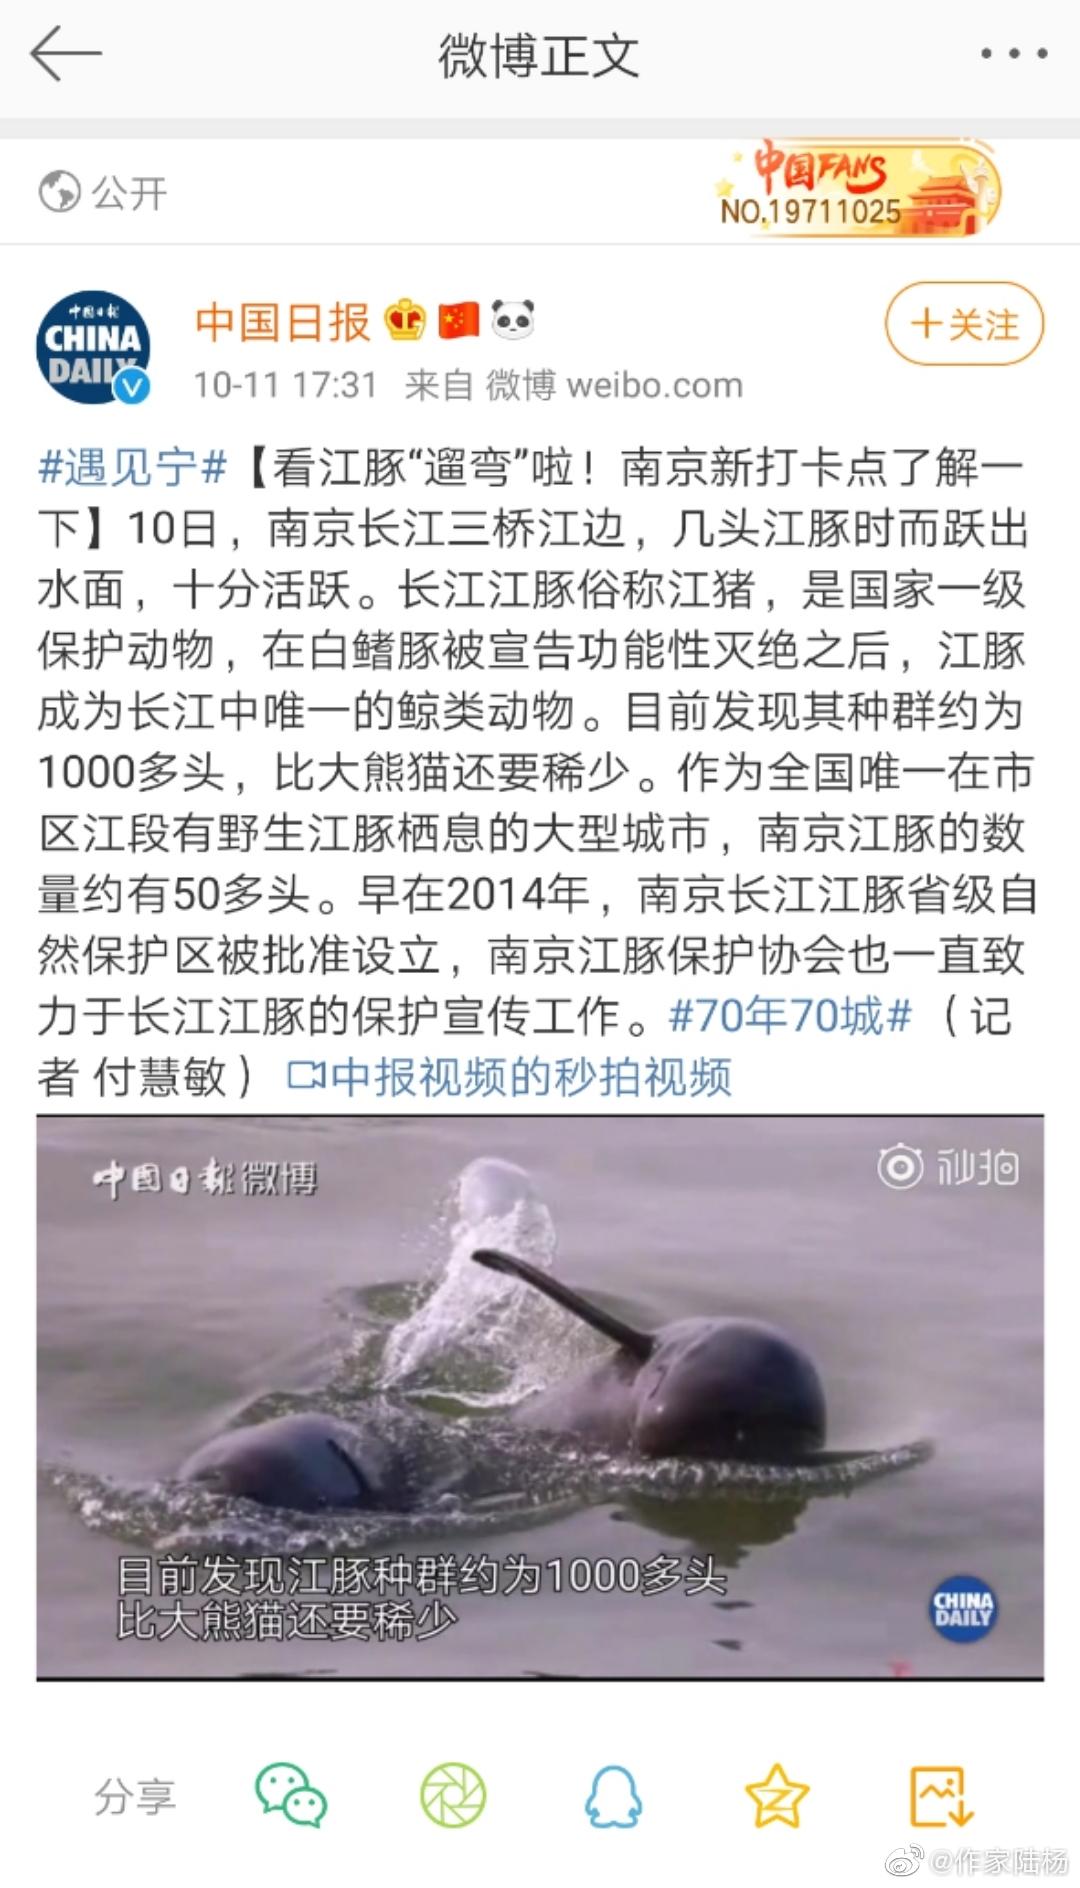 《中国日报》(10月11日) | 长江江豚(国家一级保护动物)种群约为1